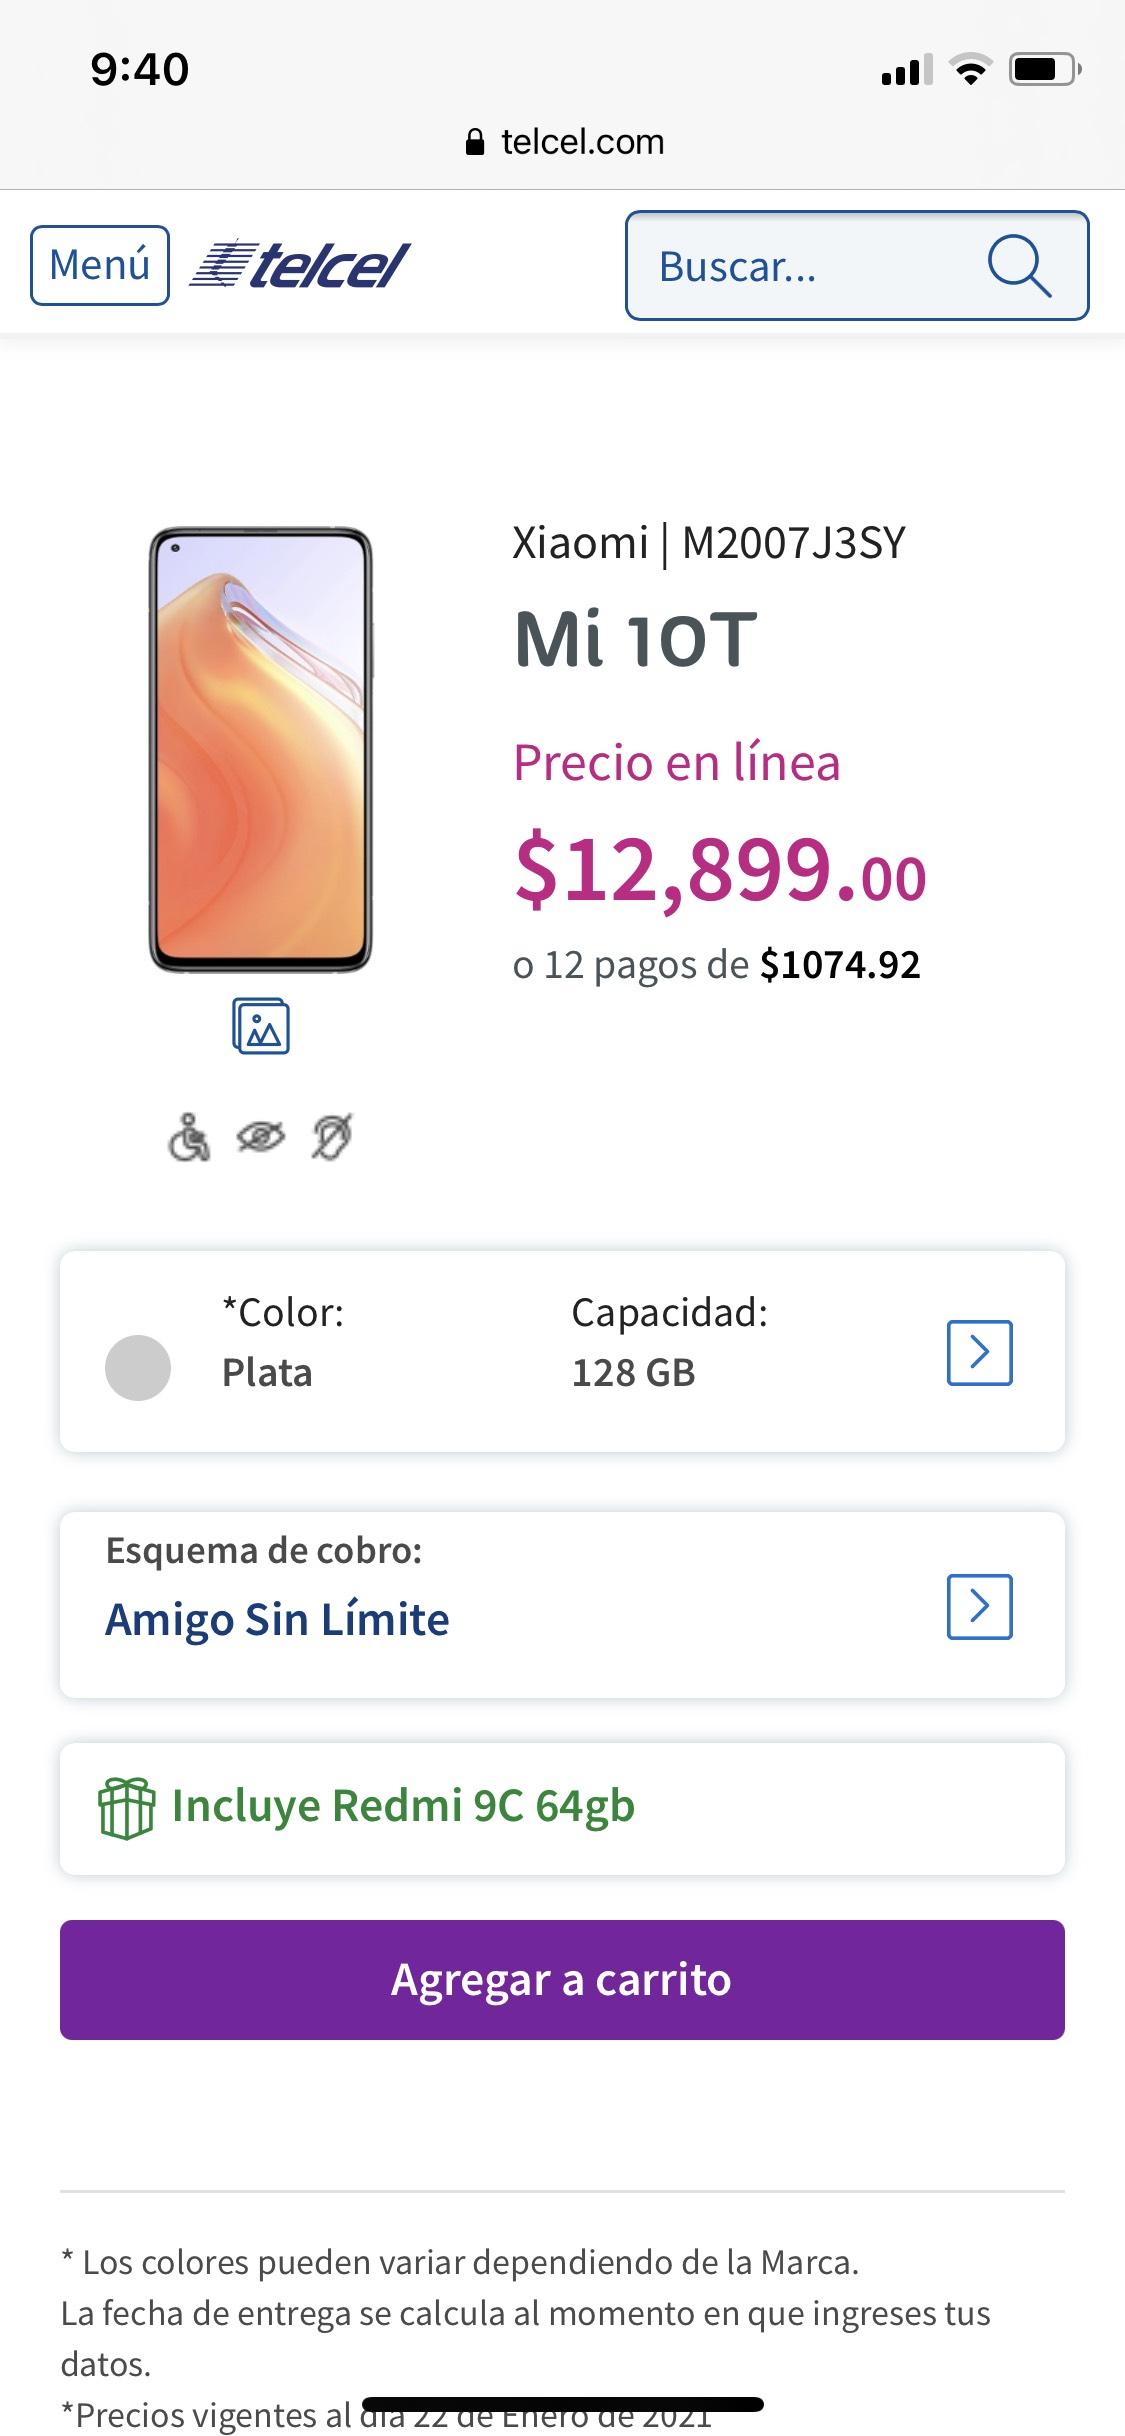 Tienda telcel: Xiaomi mi 10T más Xiaomi redmi 9C de regalo